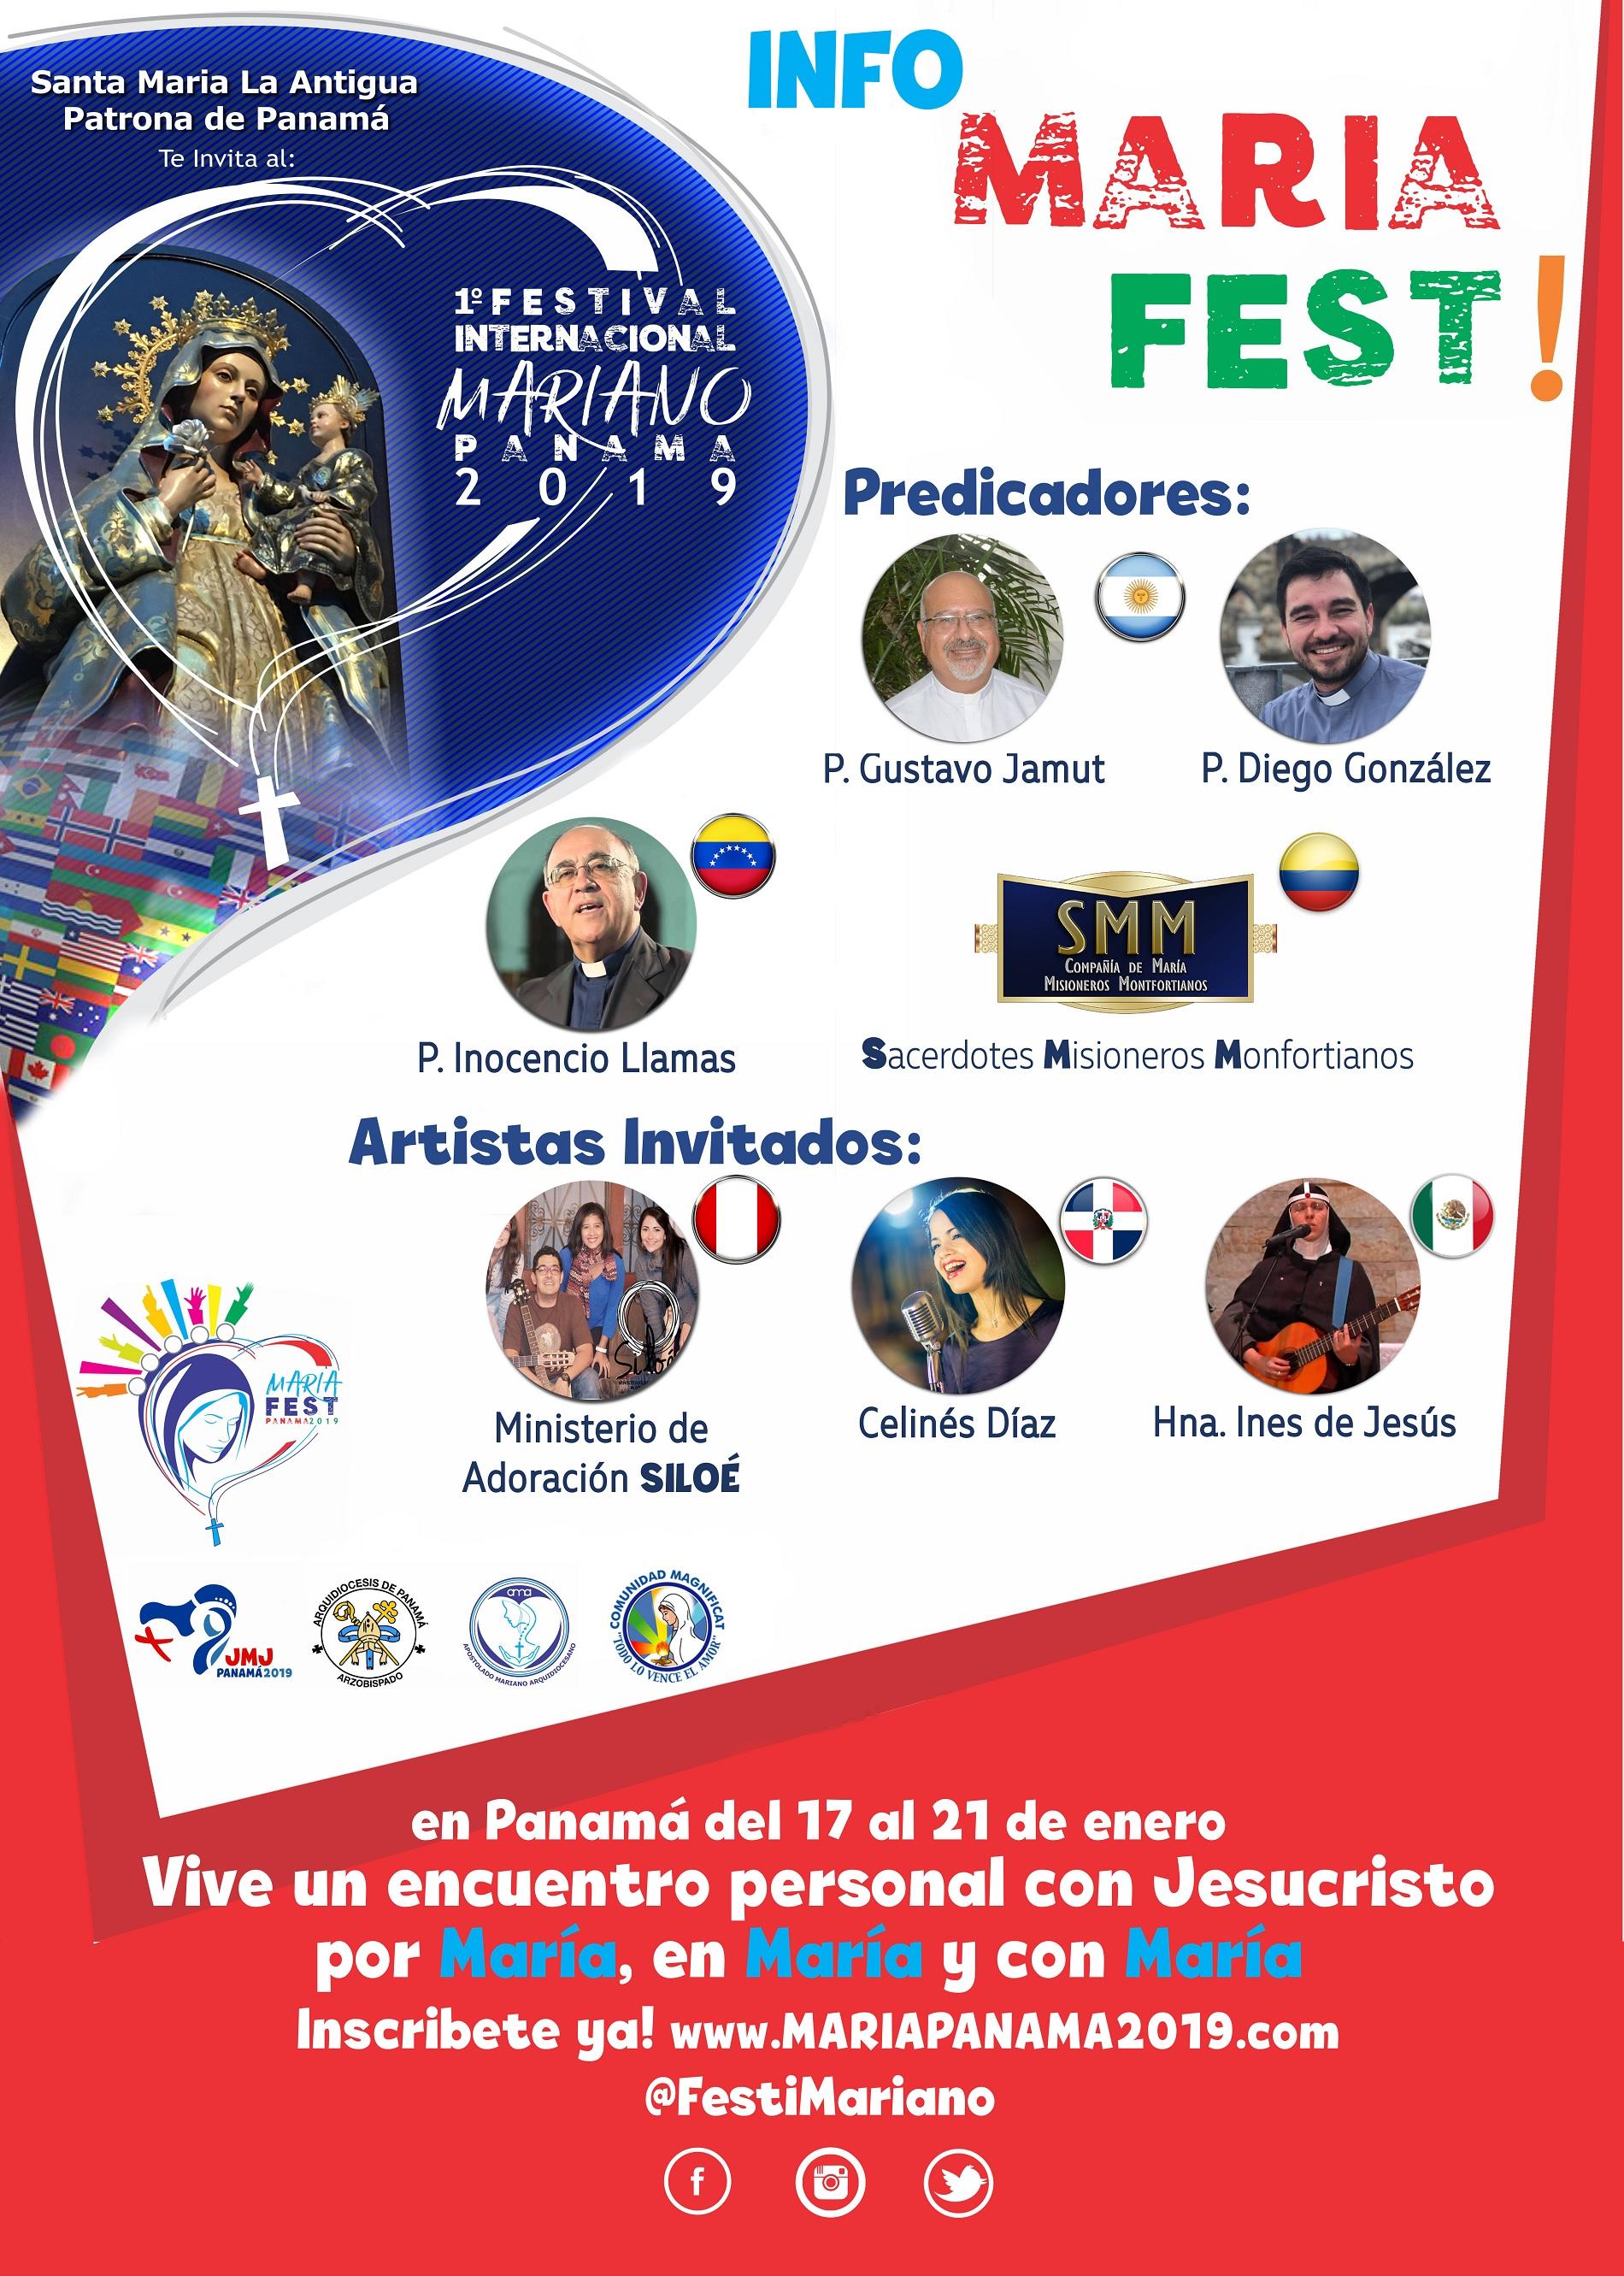 Ponentes Festival Mariano de la Juventud Panama 2019